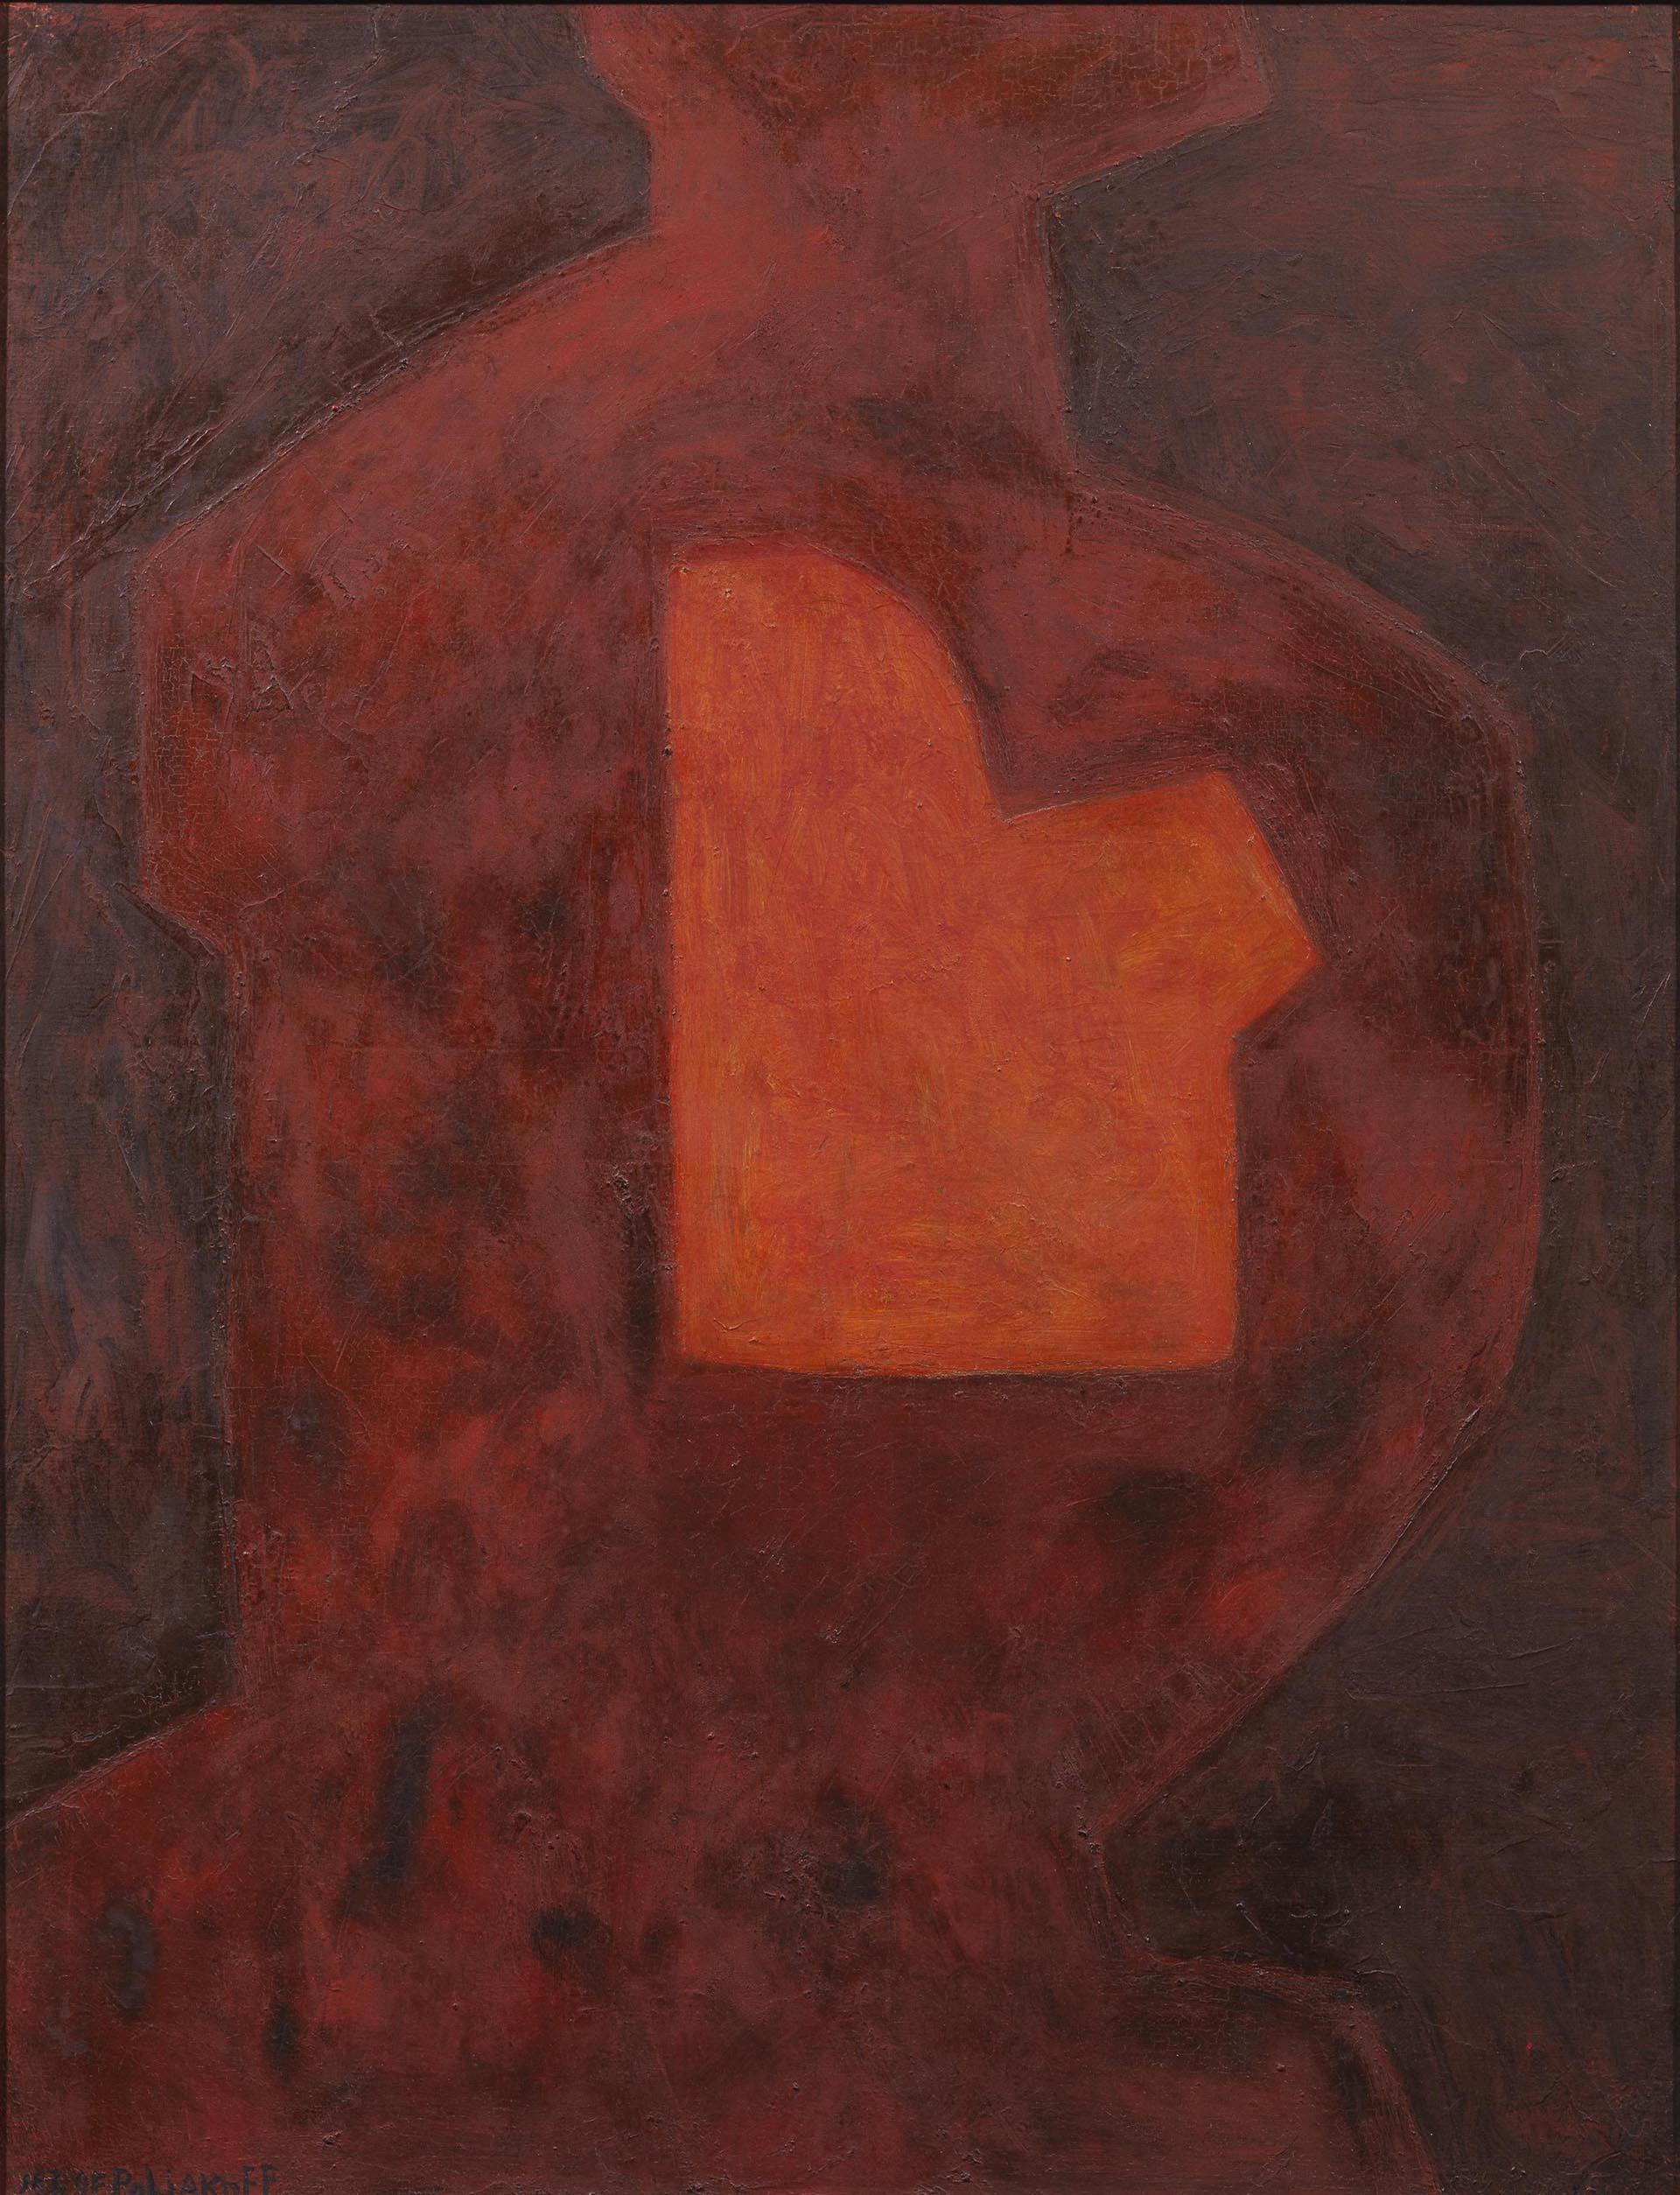 Poliakoff_Composition-à-la-forme_1968_116X895-cm